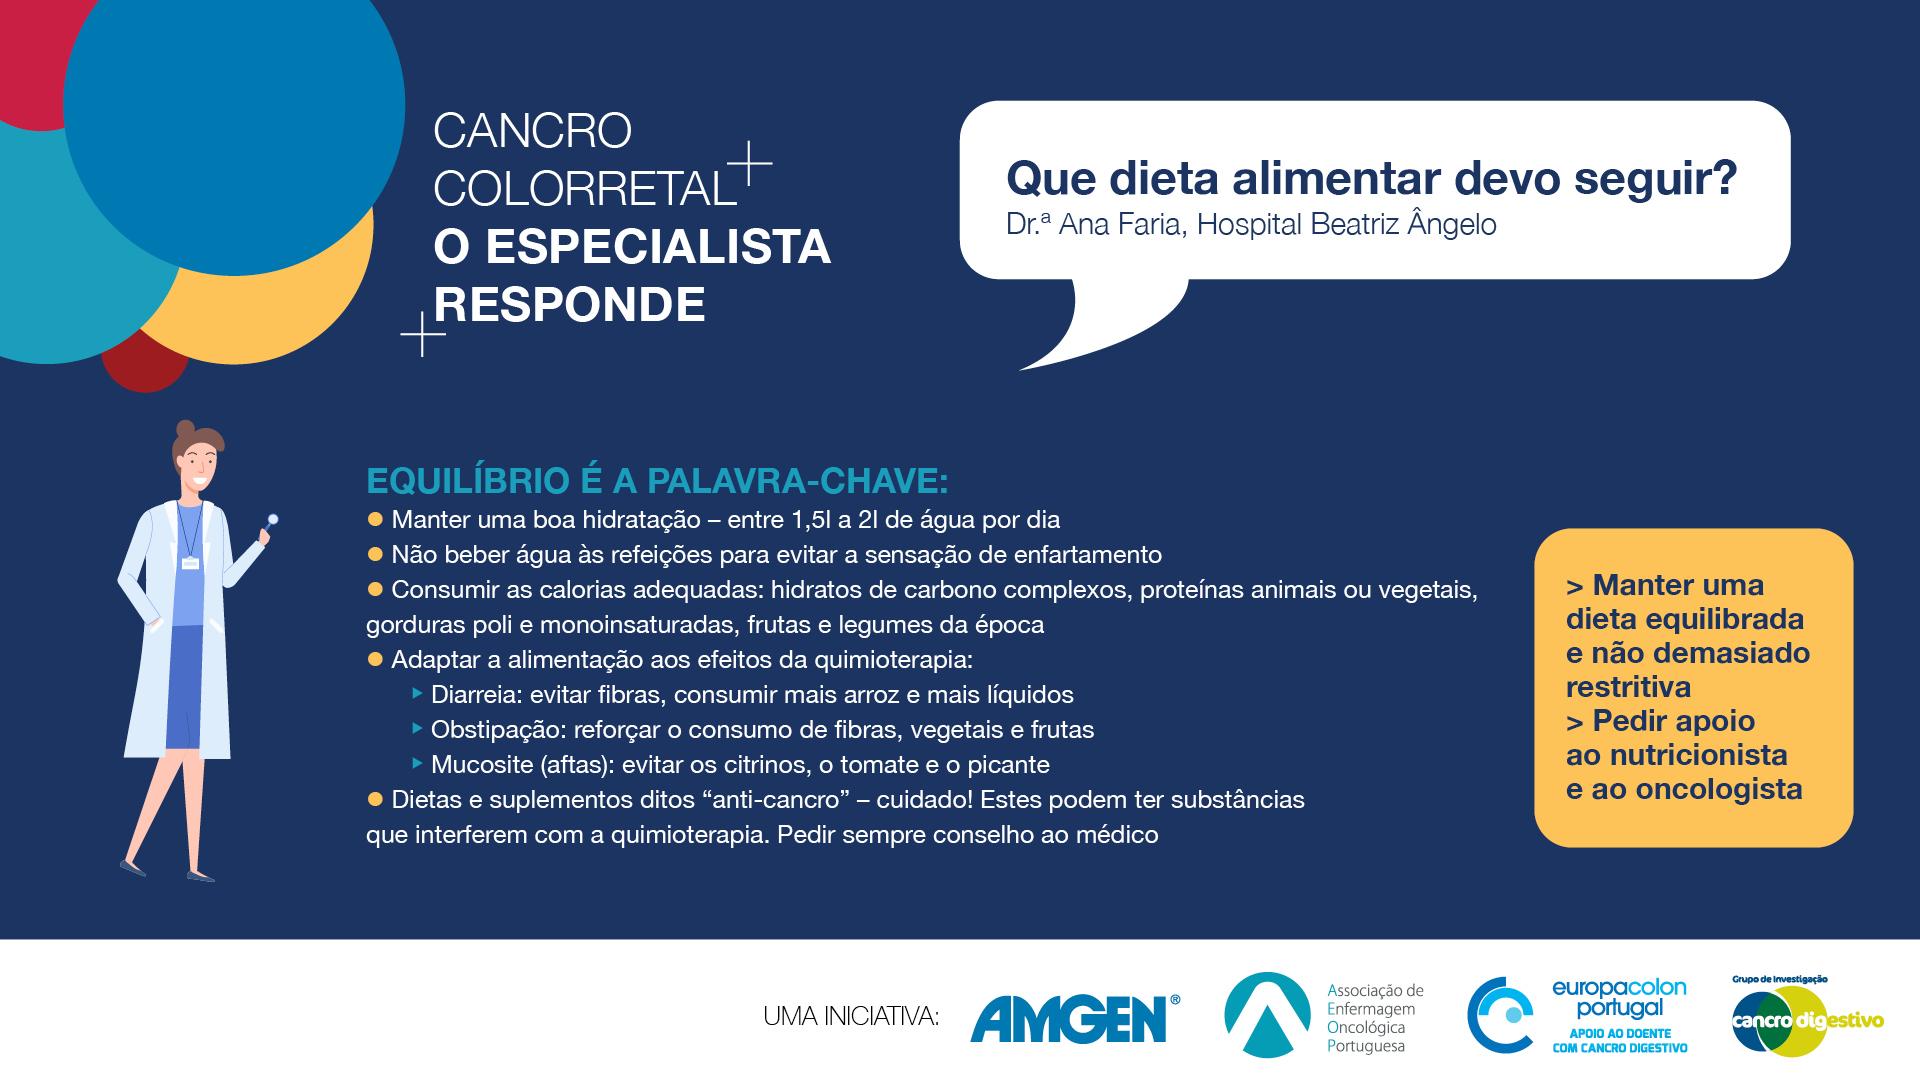 AMGEN cancro colorretal palavra de meüdico copy